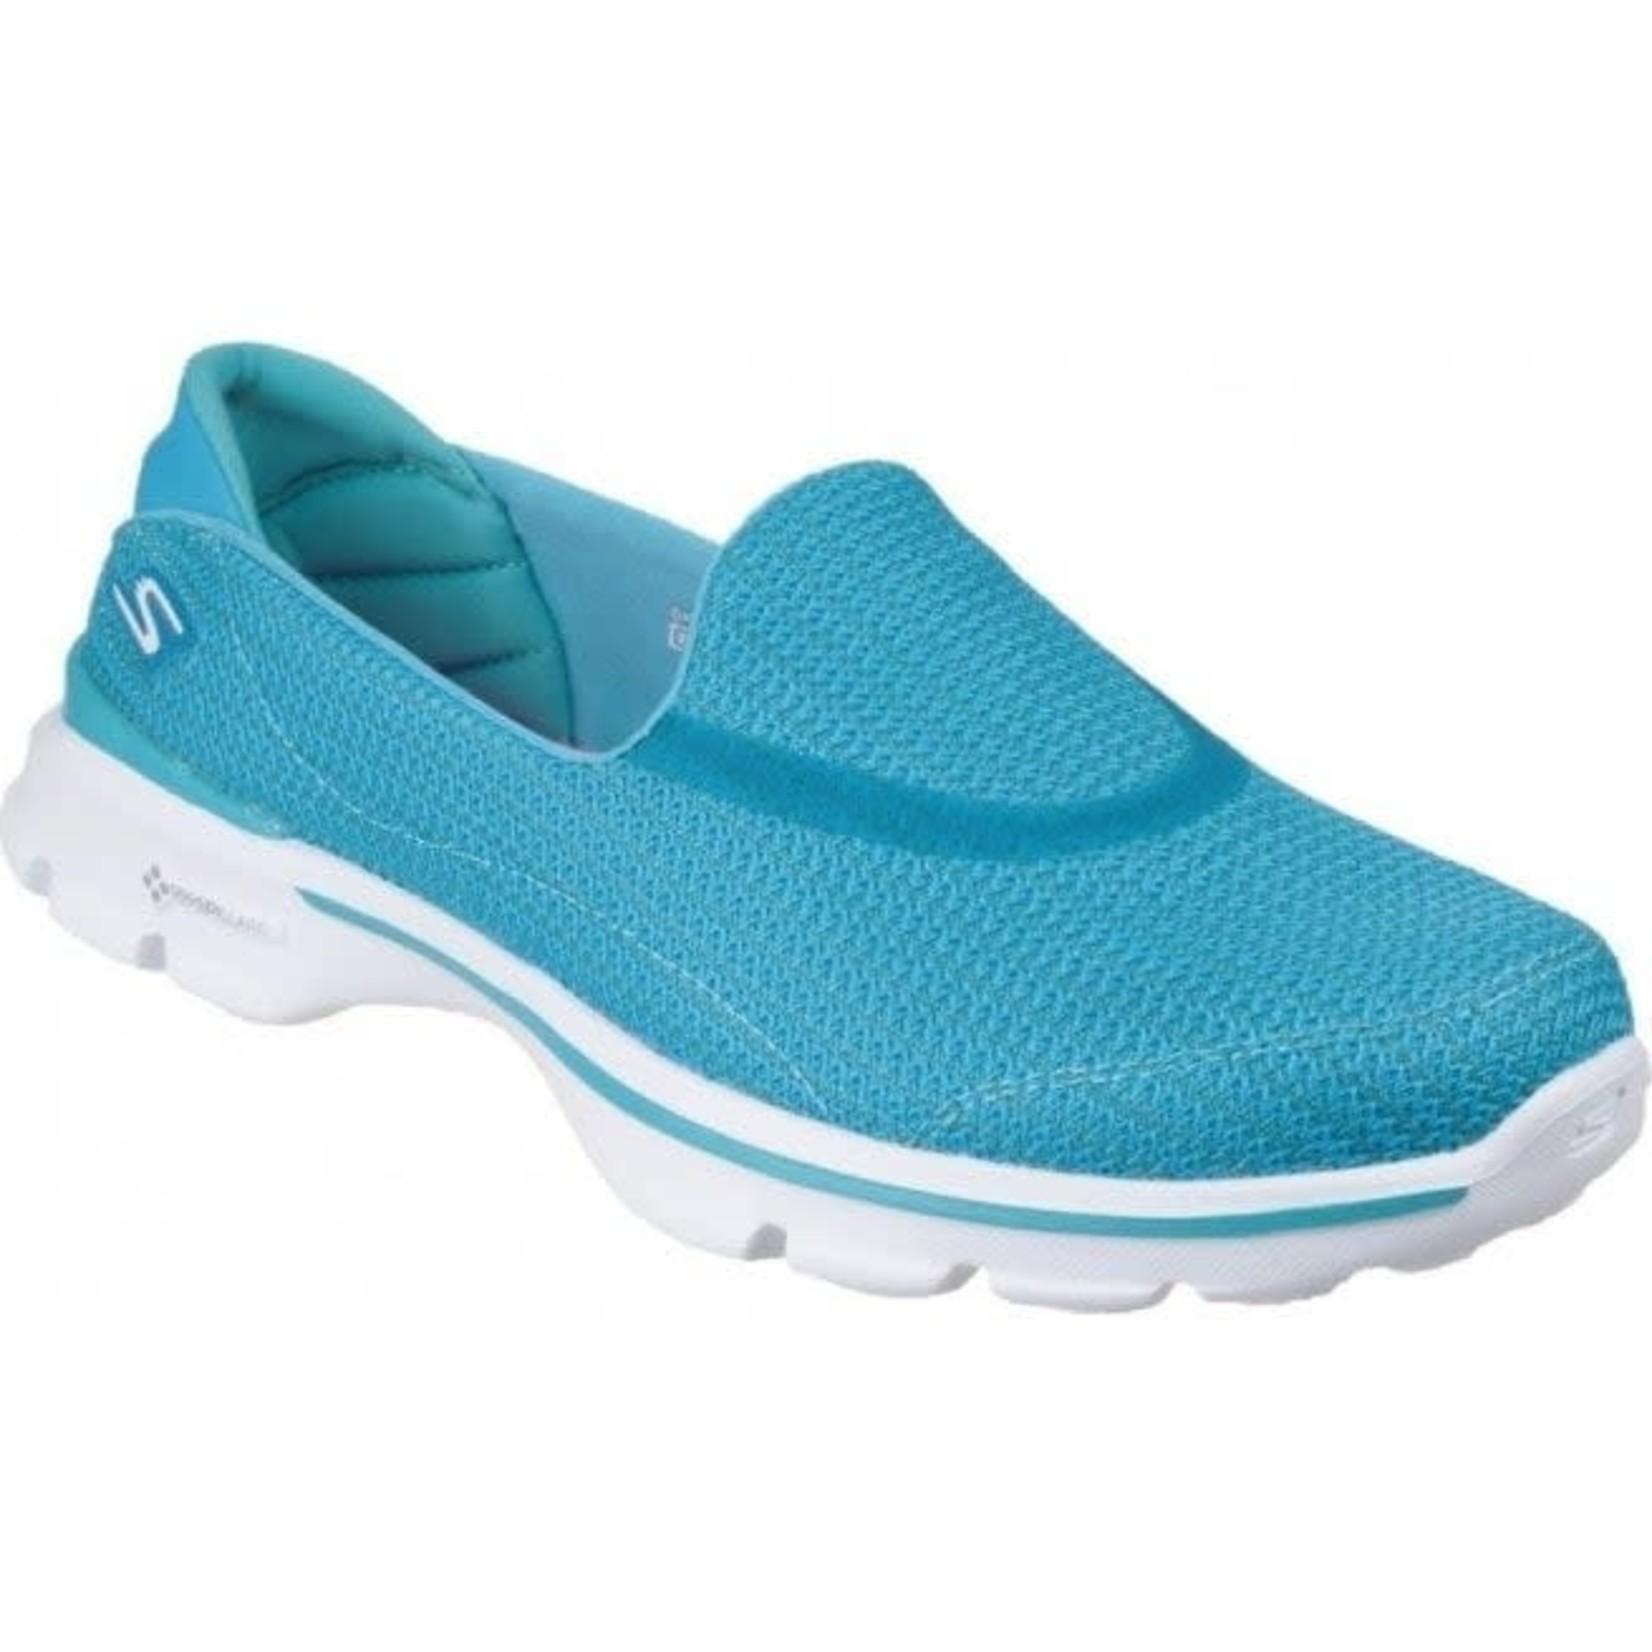 Skechers Skechers Wmn's Go Walk 3 Shoe size 7